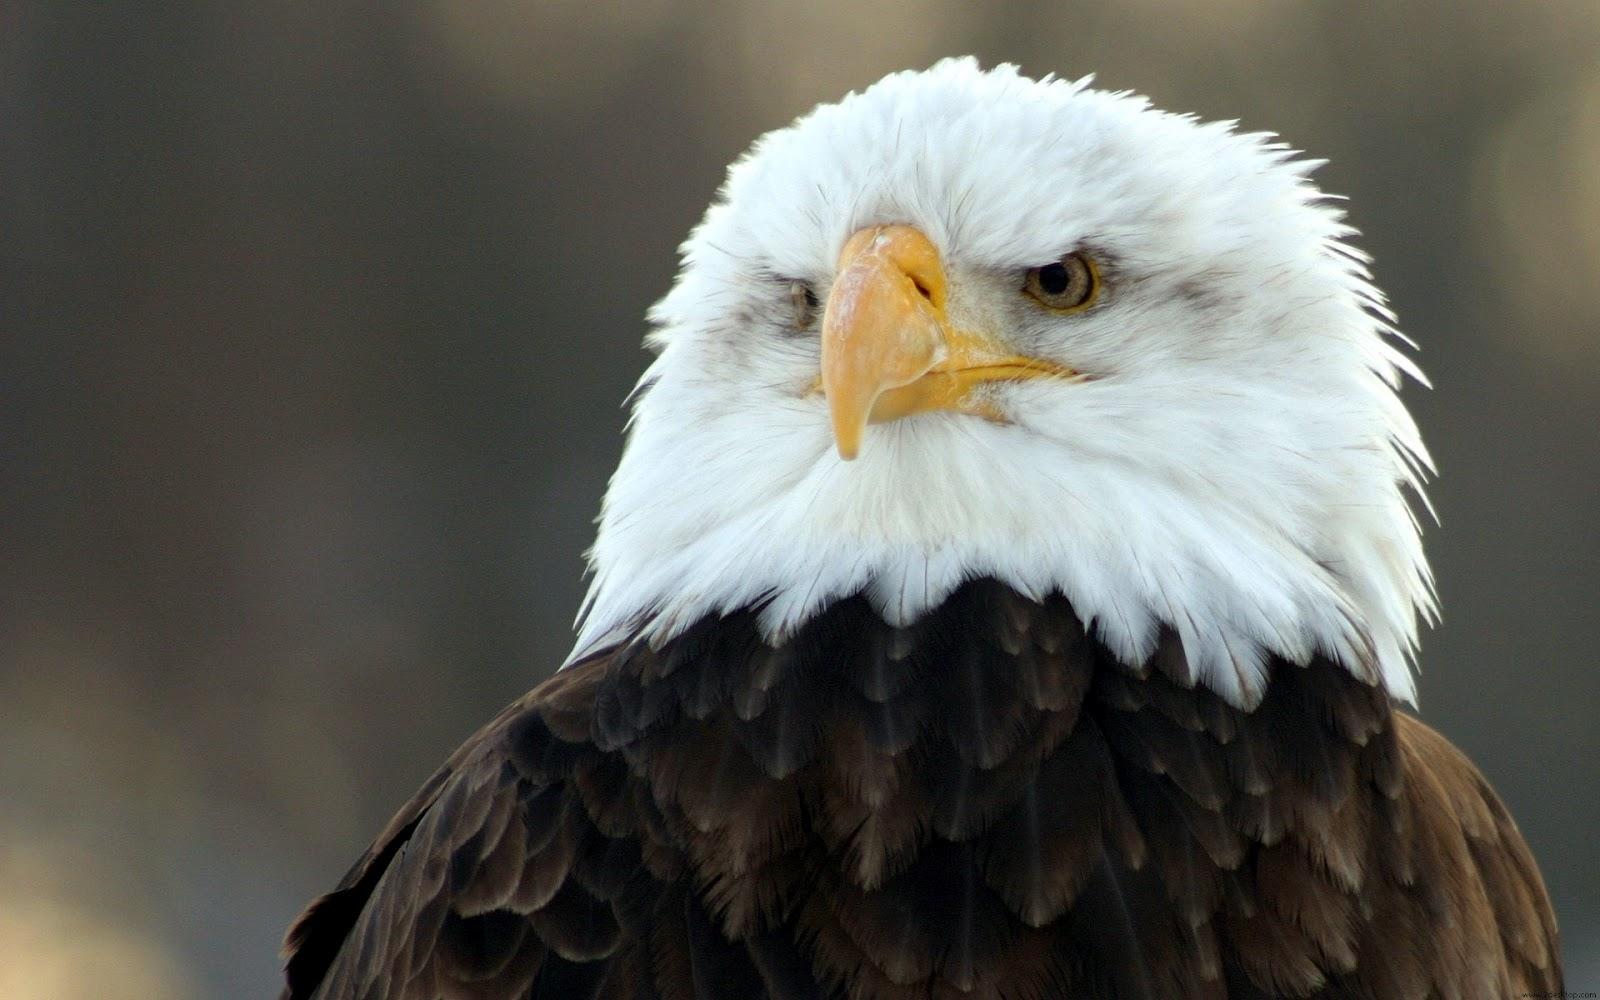 http://4.bp.blogspot.com/-8WMvhuoyVb4/UDbEiiLlynI/AAAAAAAAEMQ/D-cFEN4iOw8/s1600/Bald+eagle.jpg